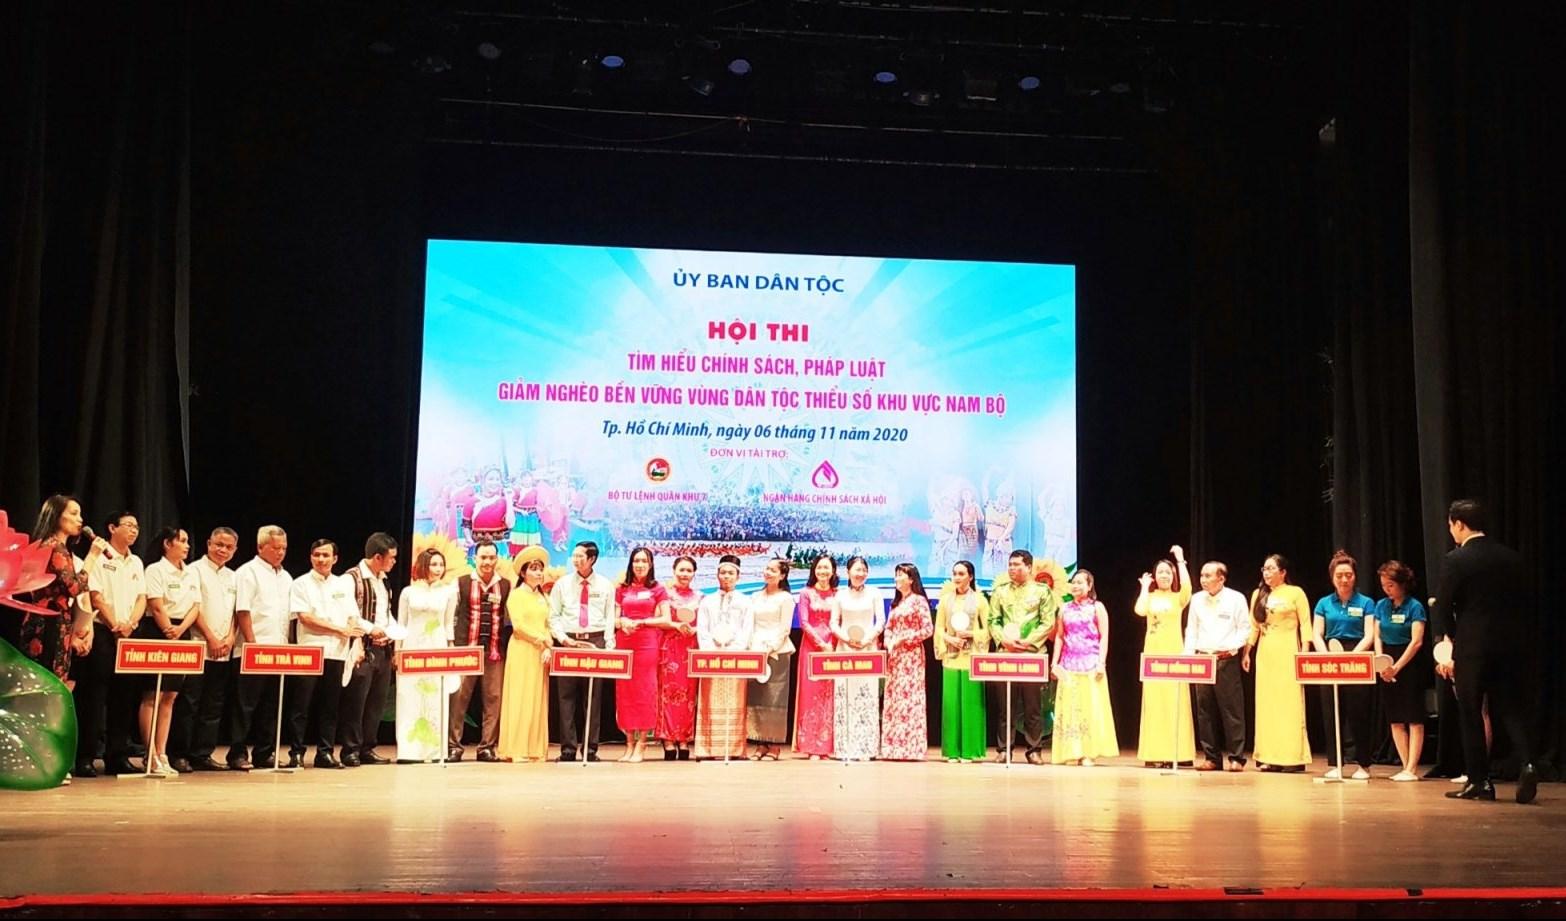 Hội thi diễn ra tại Nhà hát TP. HCM